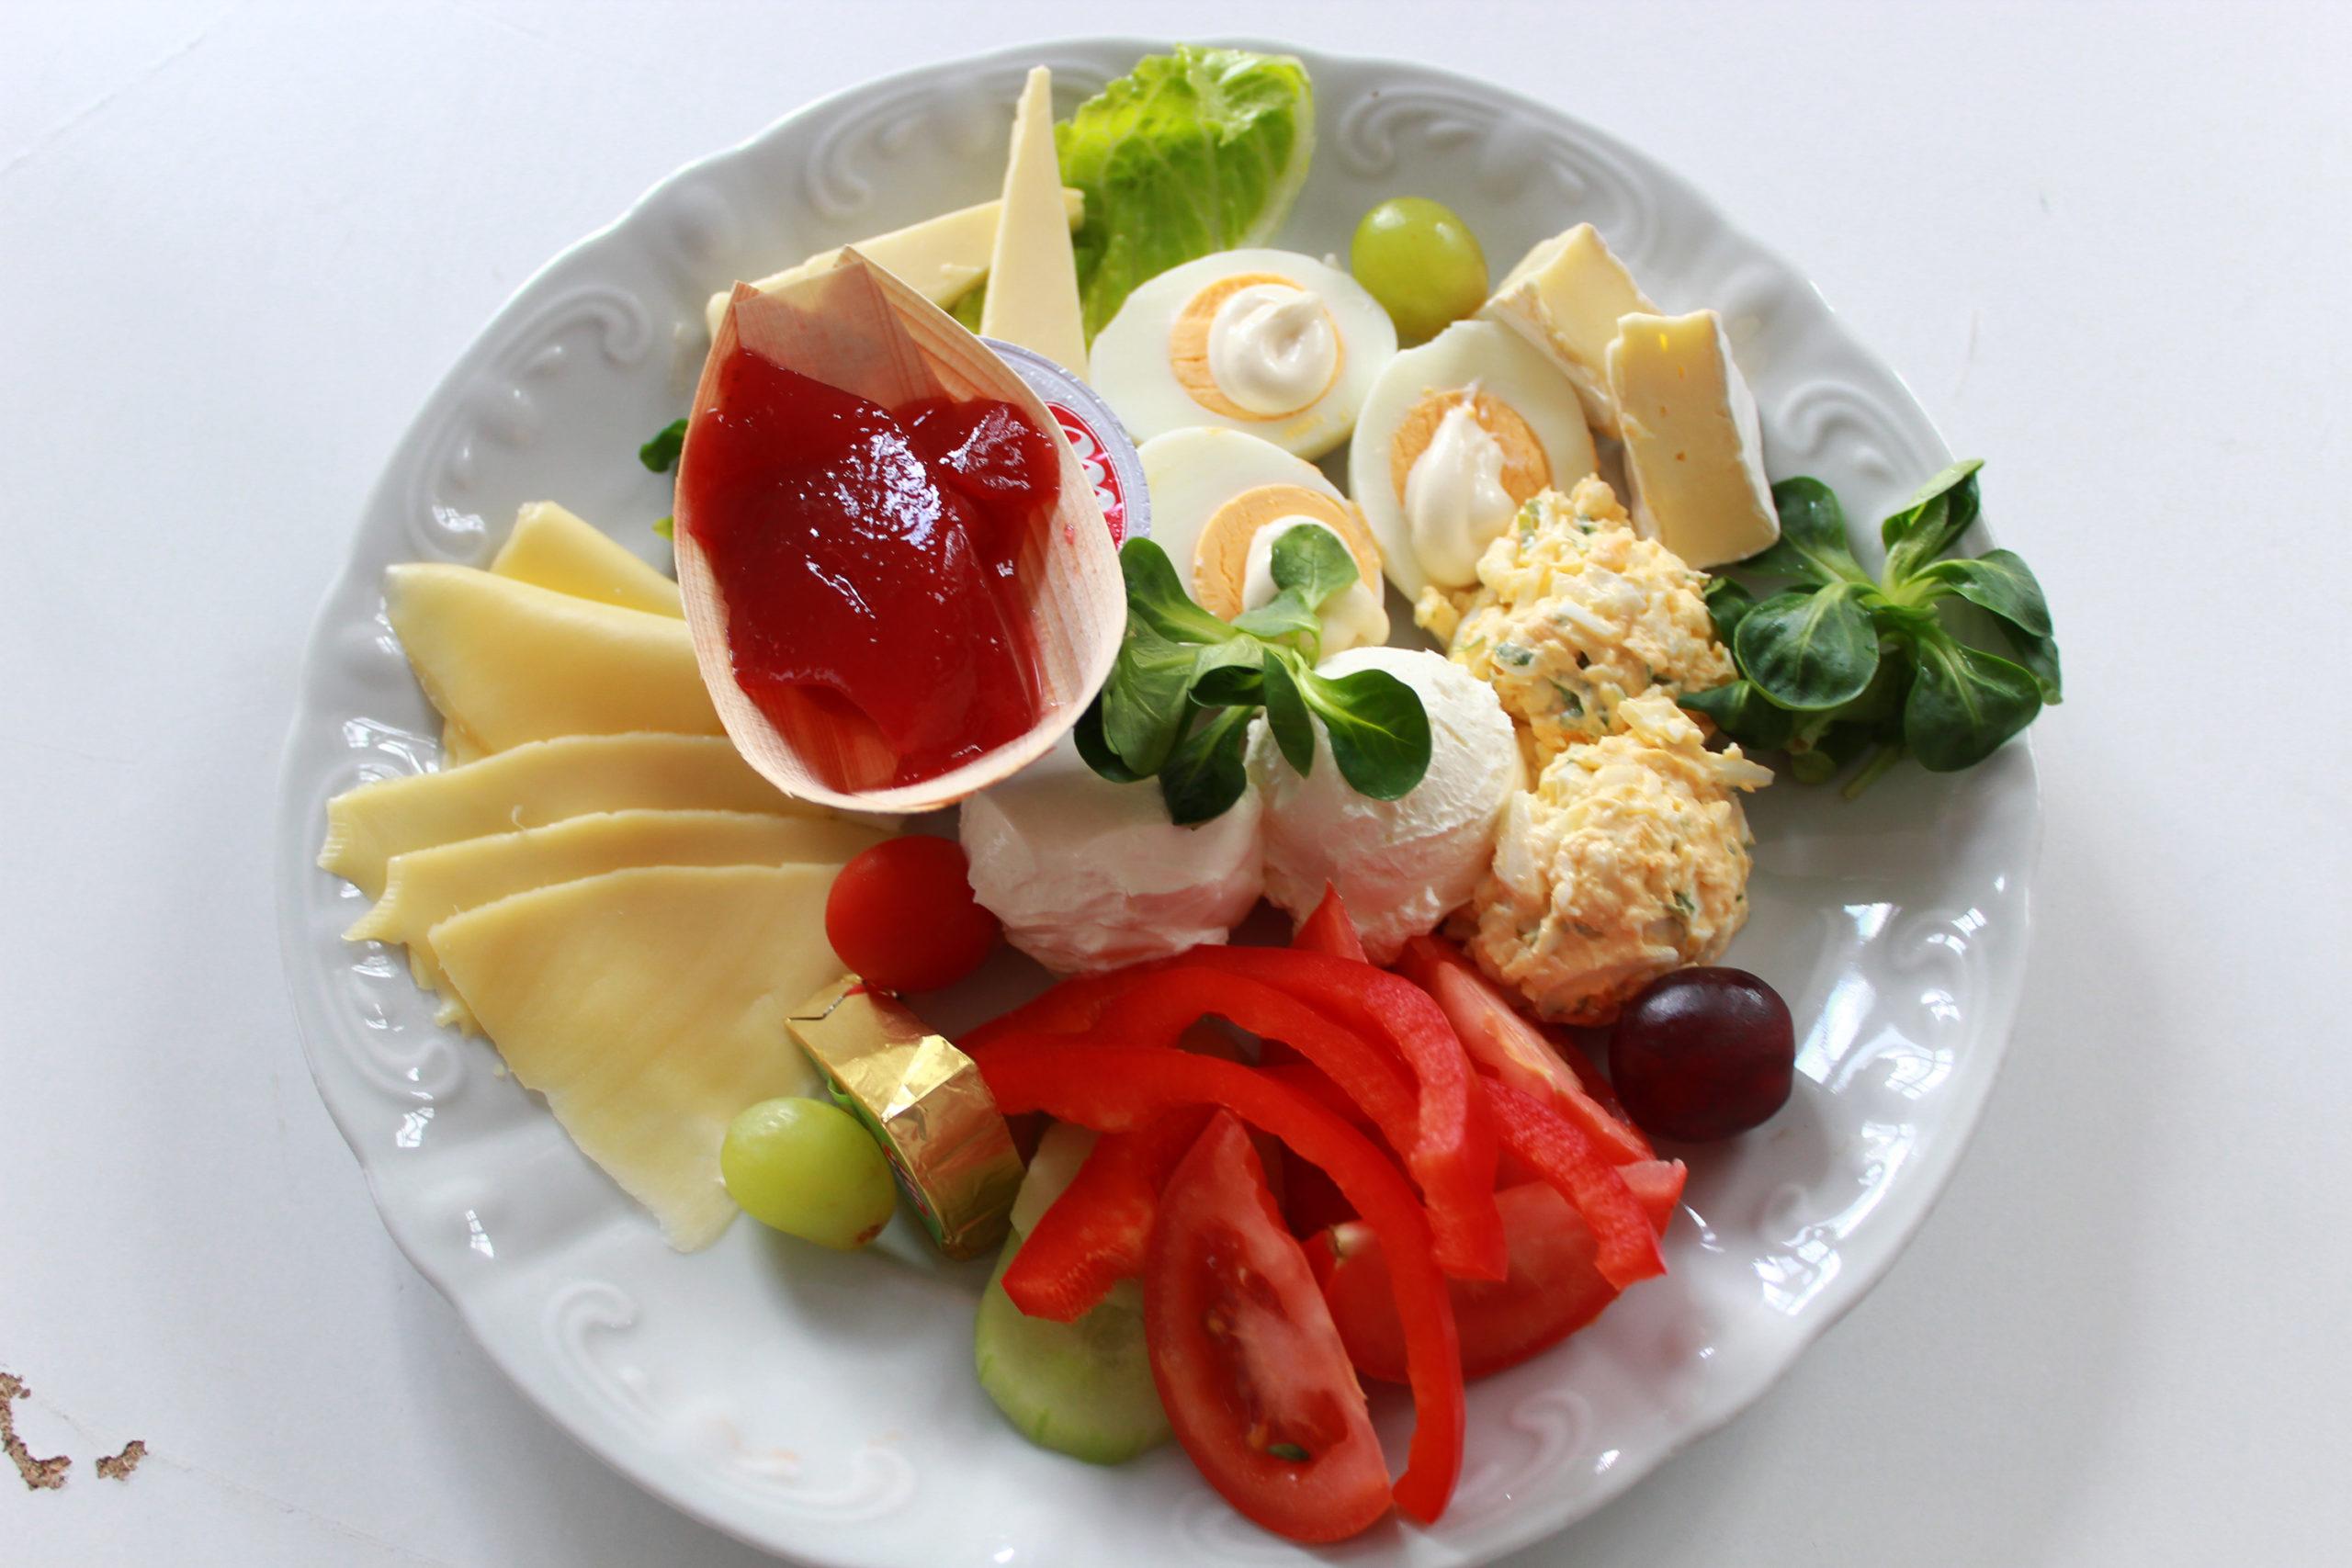 talerz ze śniadaniem